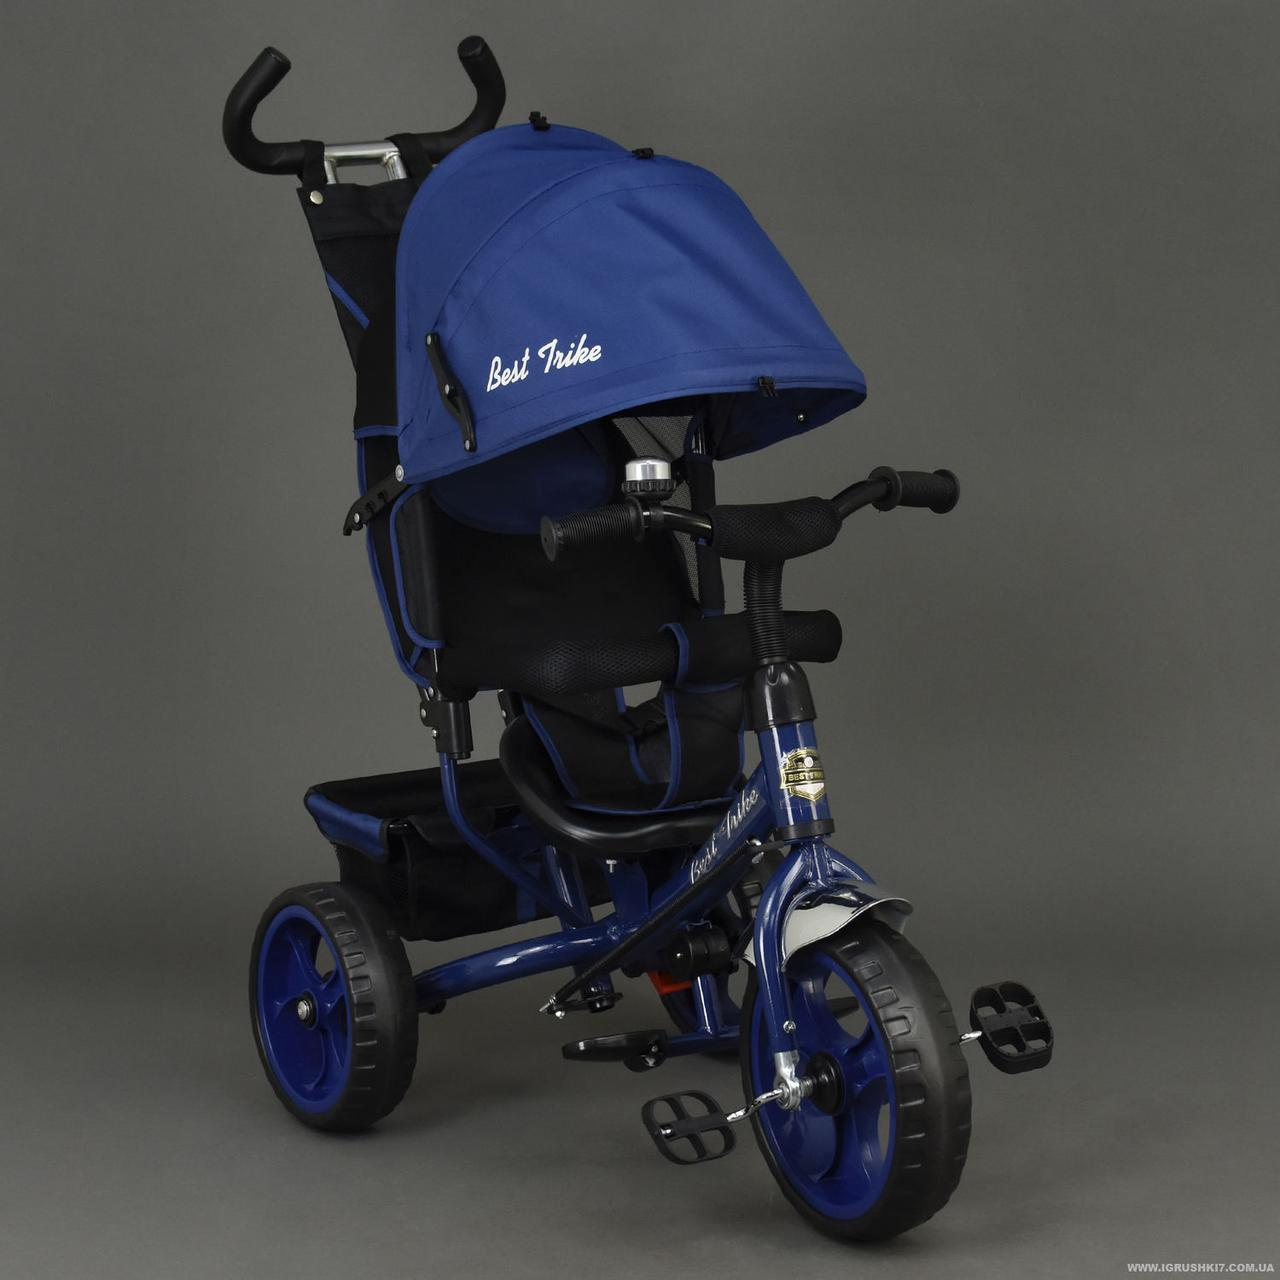 Детский трехколесный велосипед Best Trike 6570 синий (колеса пена)